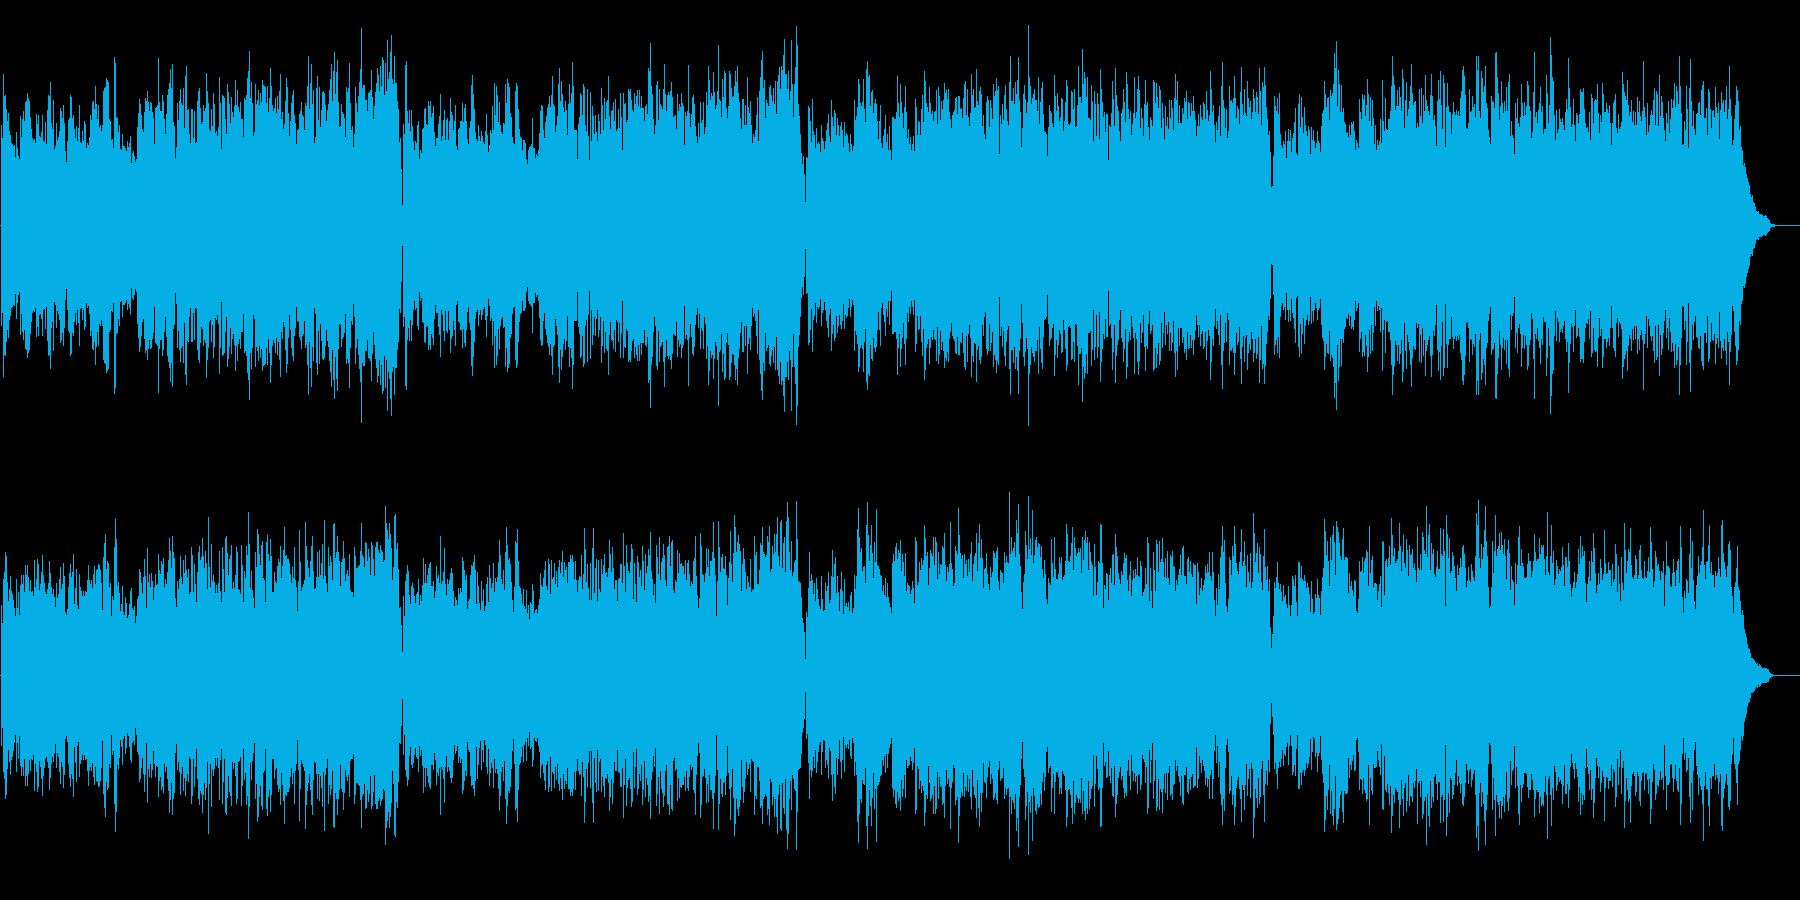 軽快で上品なチェンバロ バロック・高音質の再生済みの波形